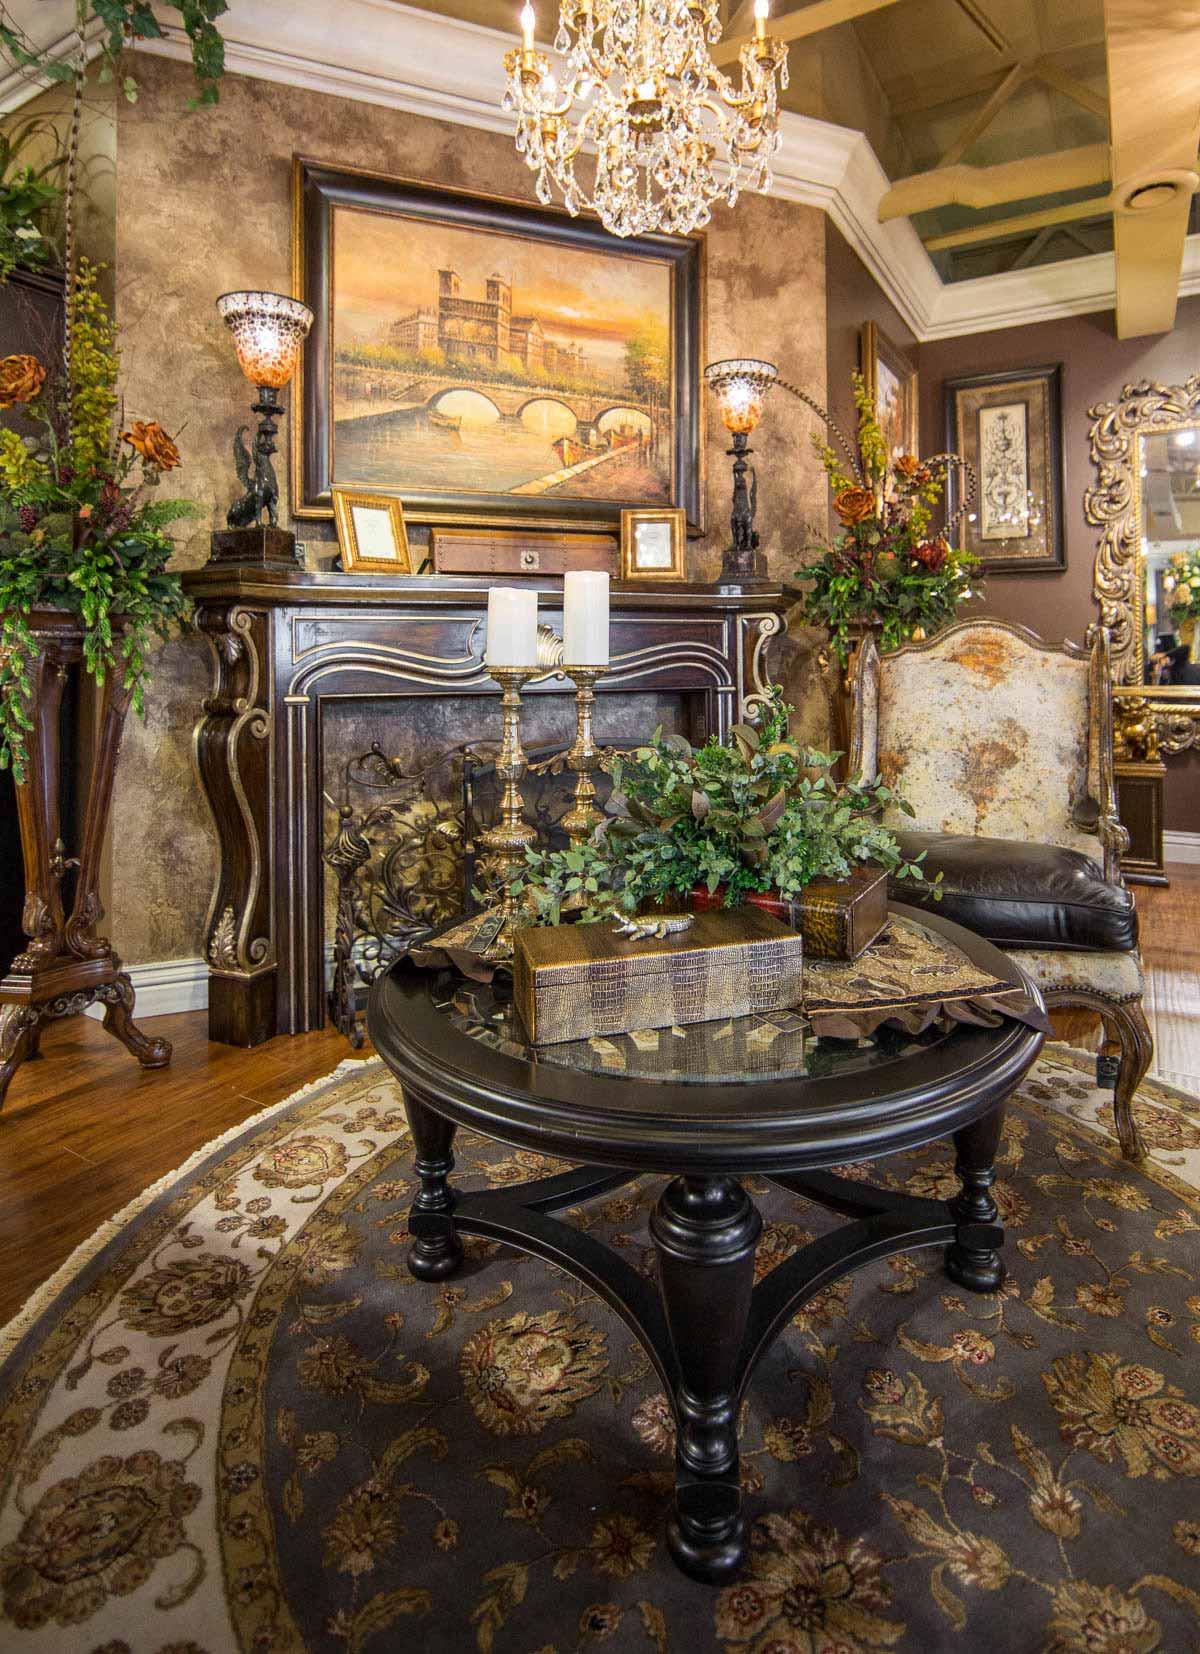 unique luxury home decor furniture - Luxury Home Decor